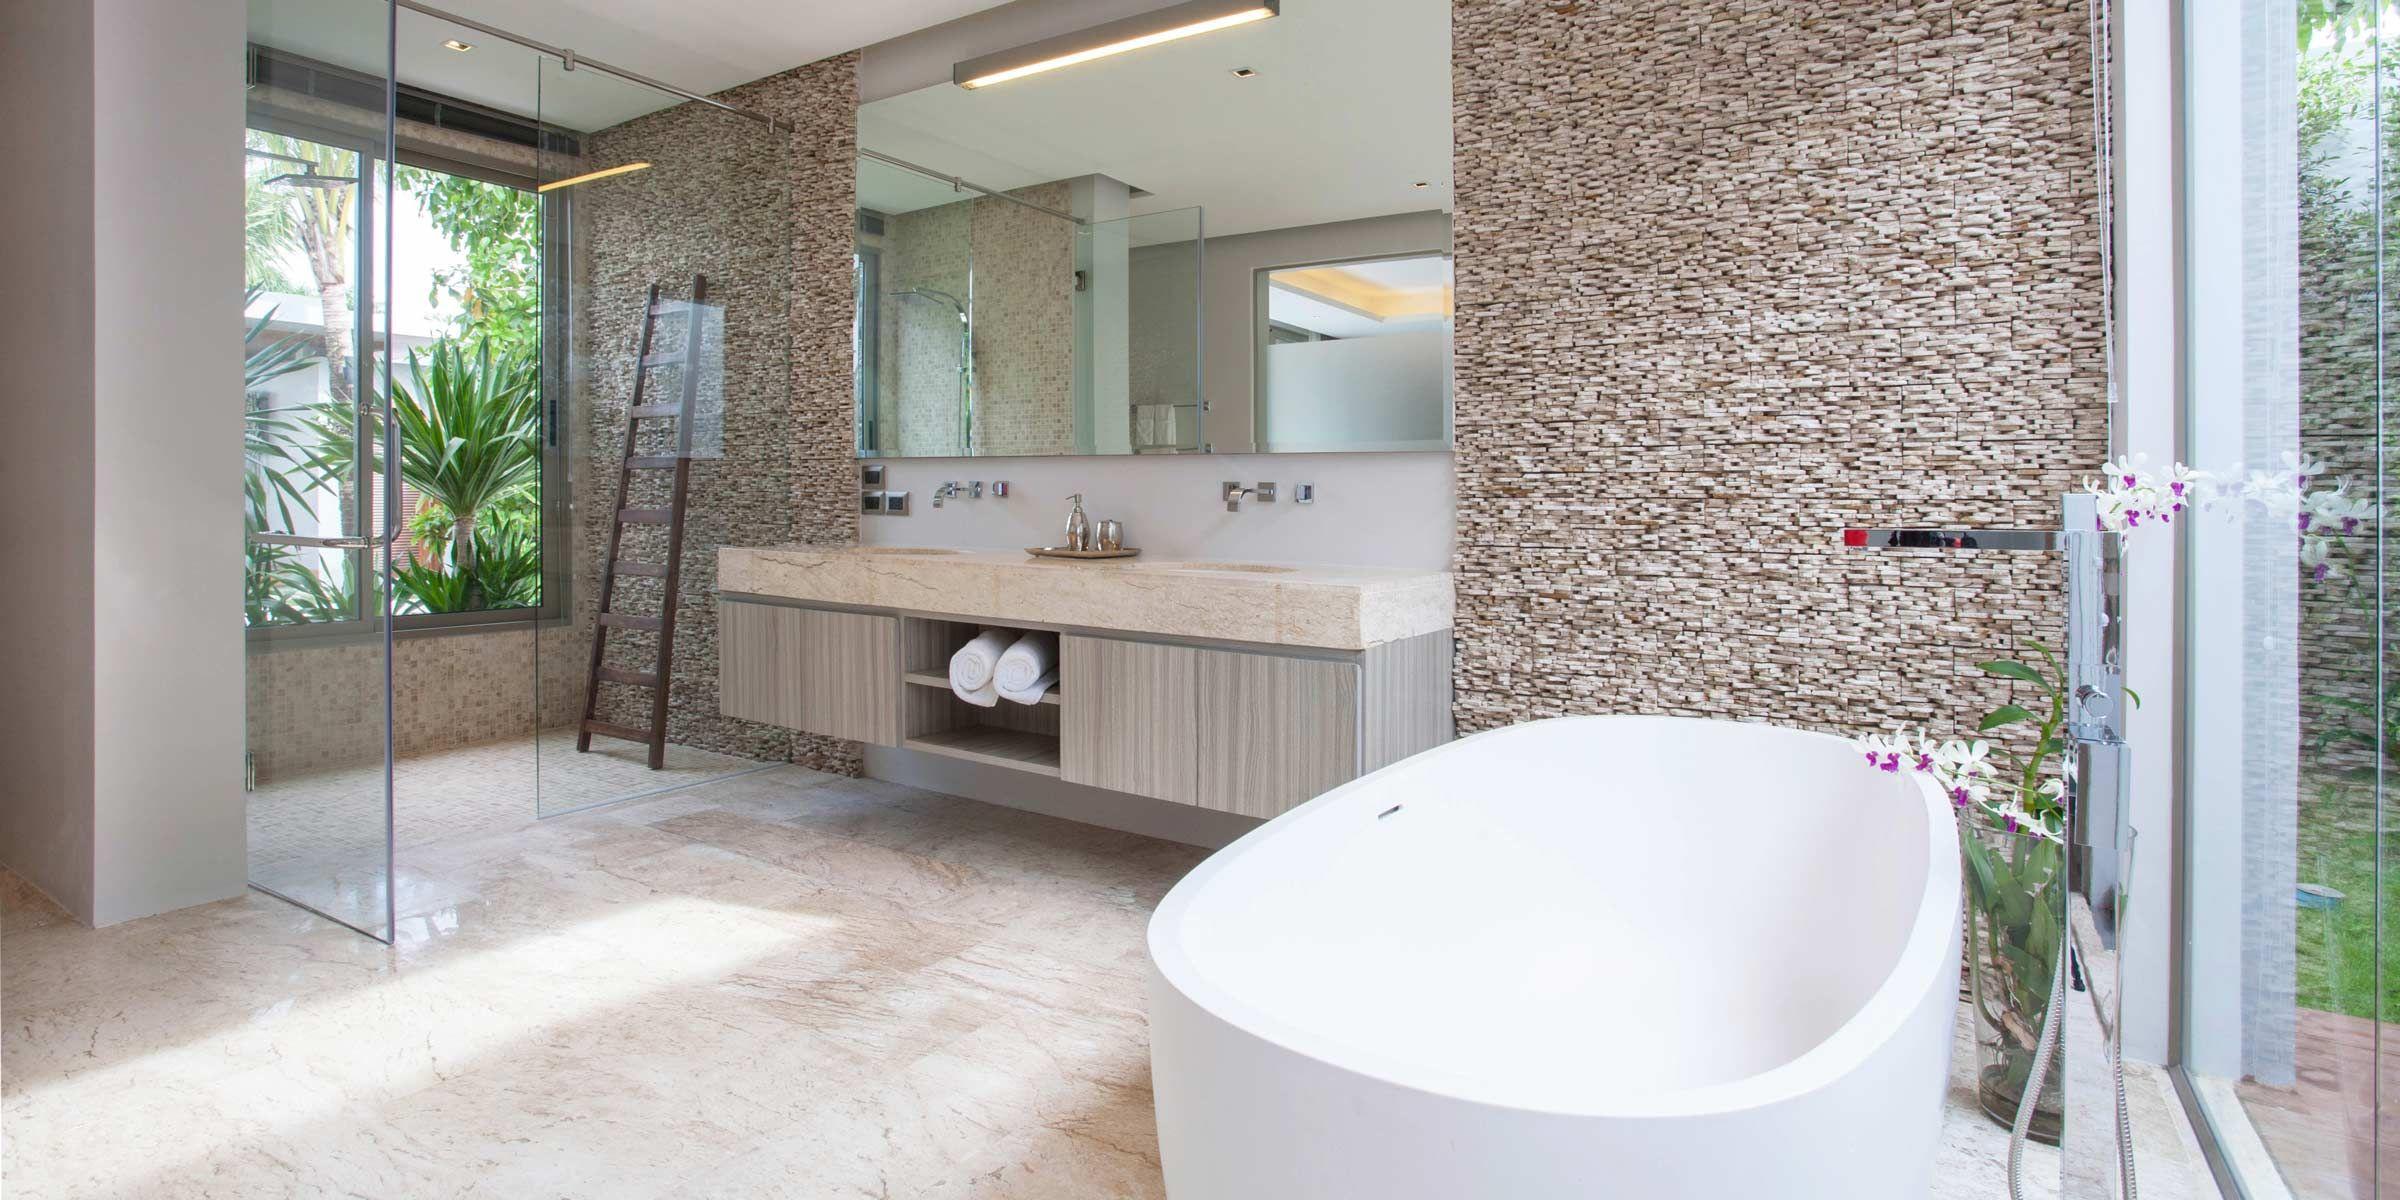 Bathroom Renovation Contractor Vancouver Bathroom Renovation Cost Small Bathroom Renovations Bathroom Renovations